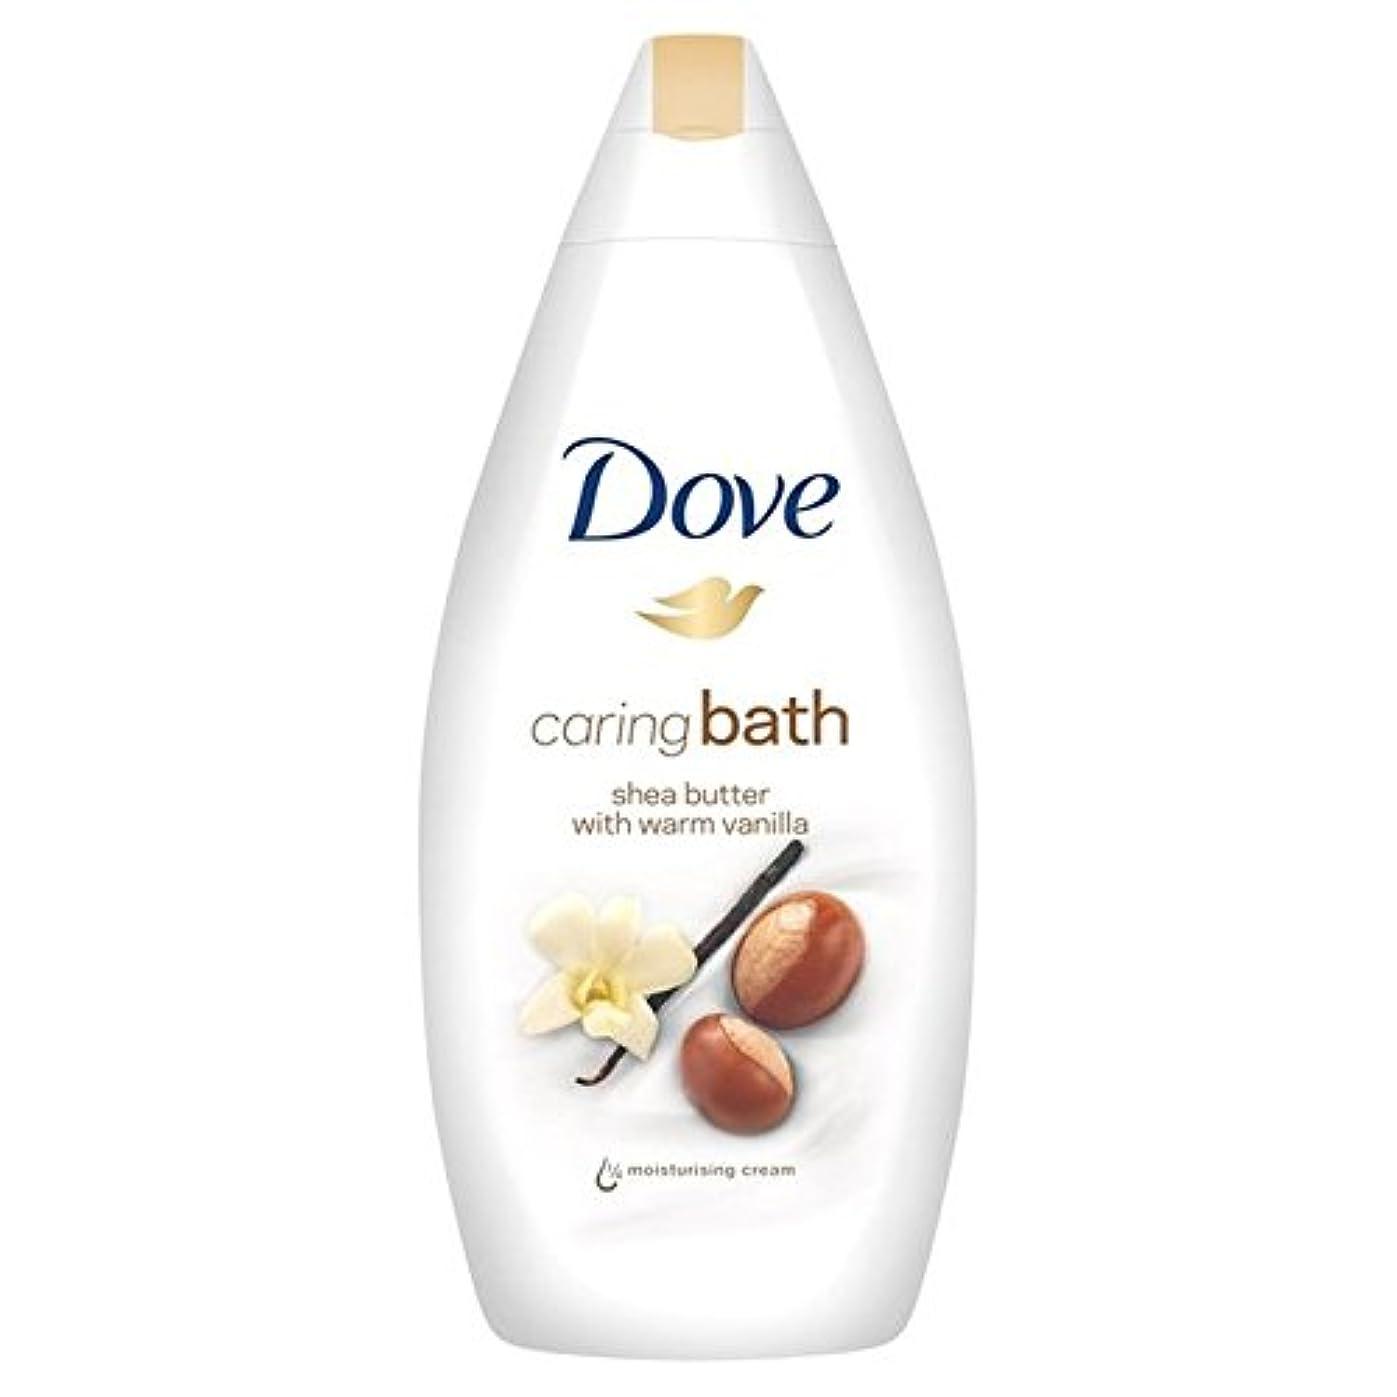 可動式リビングルームワイヤー鳩純粋な贅沢シアバター思いやりのあるクリームバス500ミリリットル x2 - Dove Purely Pampering Shea Butter Caring Cream Bath 500ml (Pack of 2) [...